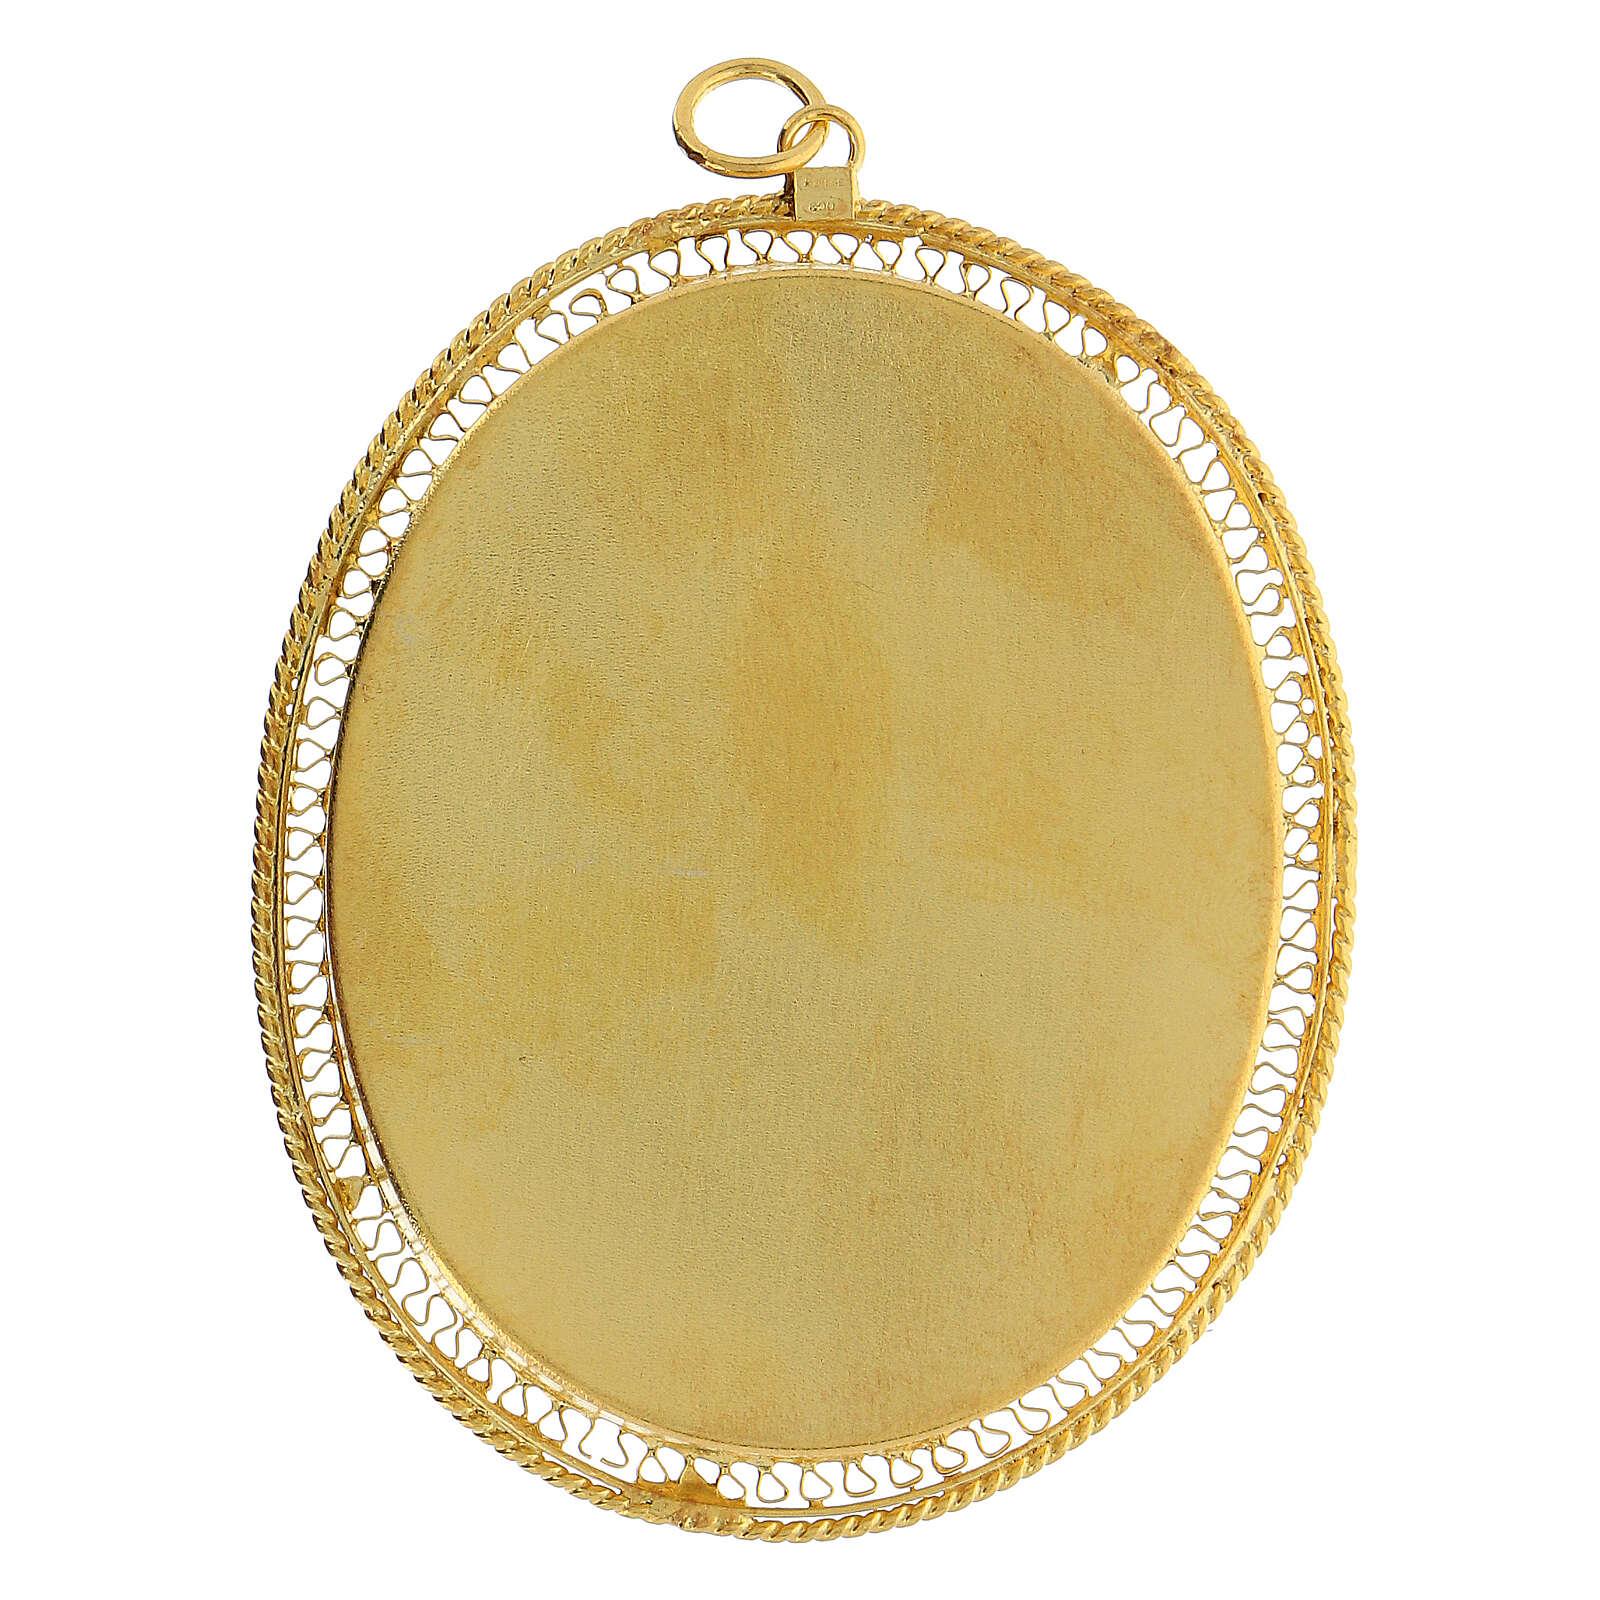 Relicario plata 800 JHS dorada cierre cremallera 5,5 cm 4